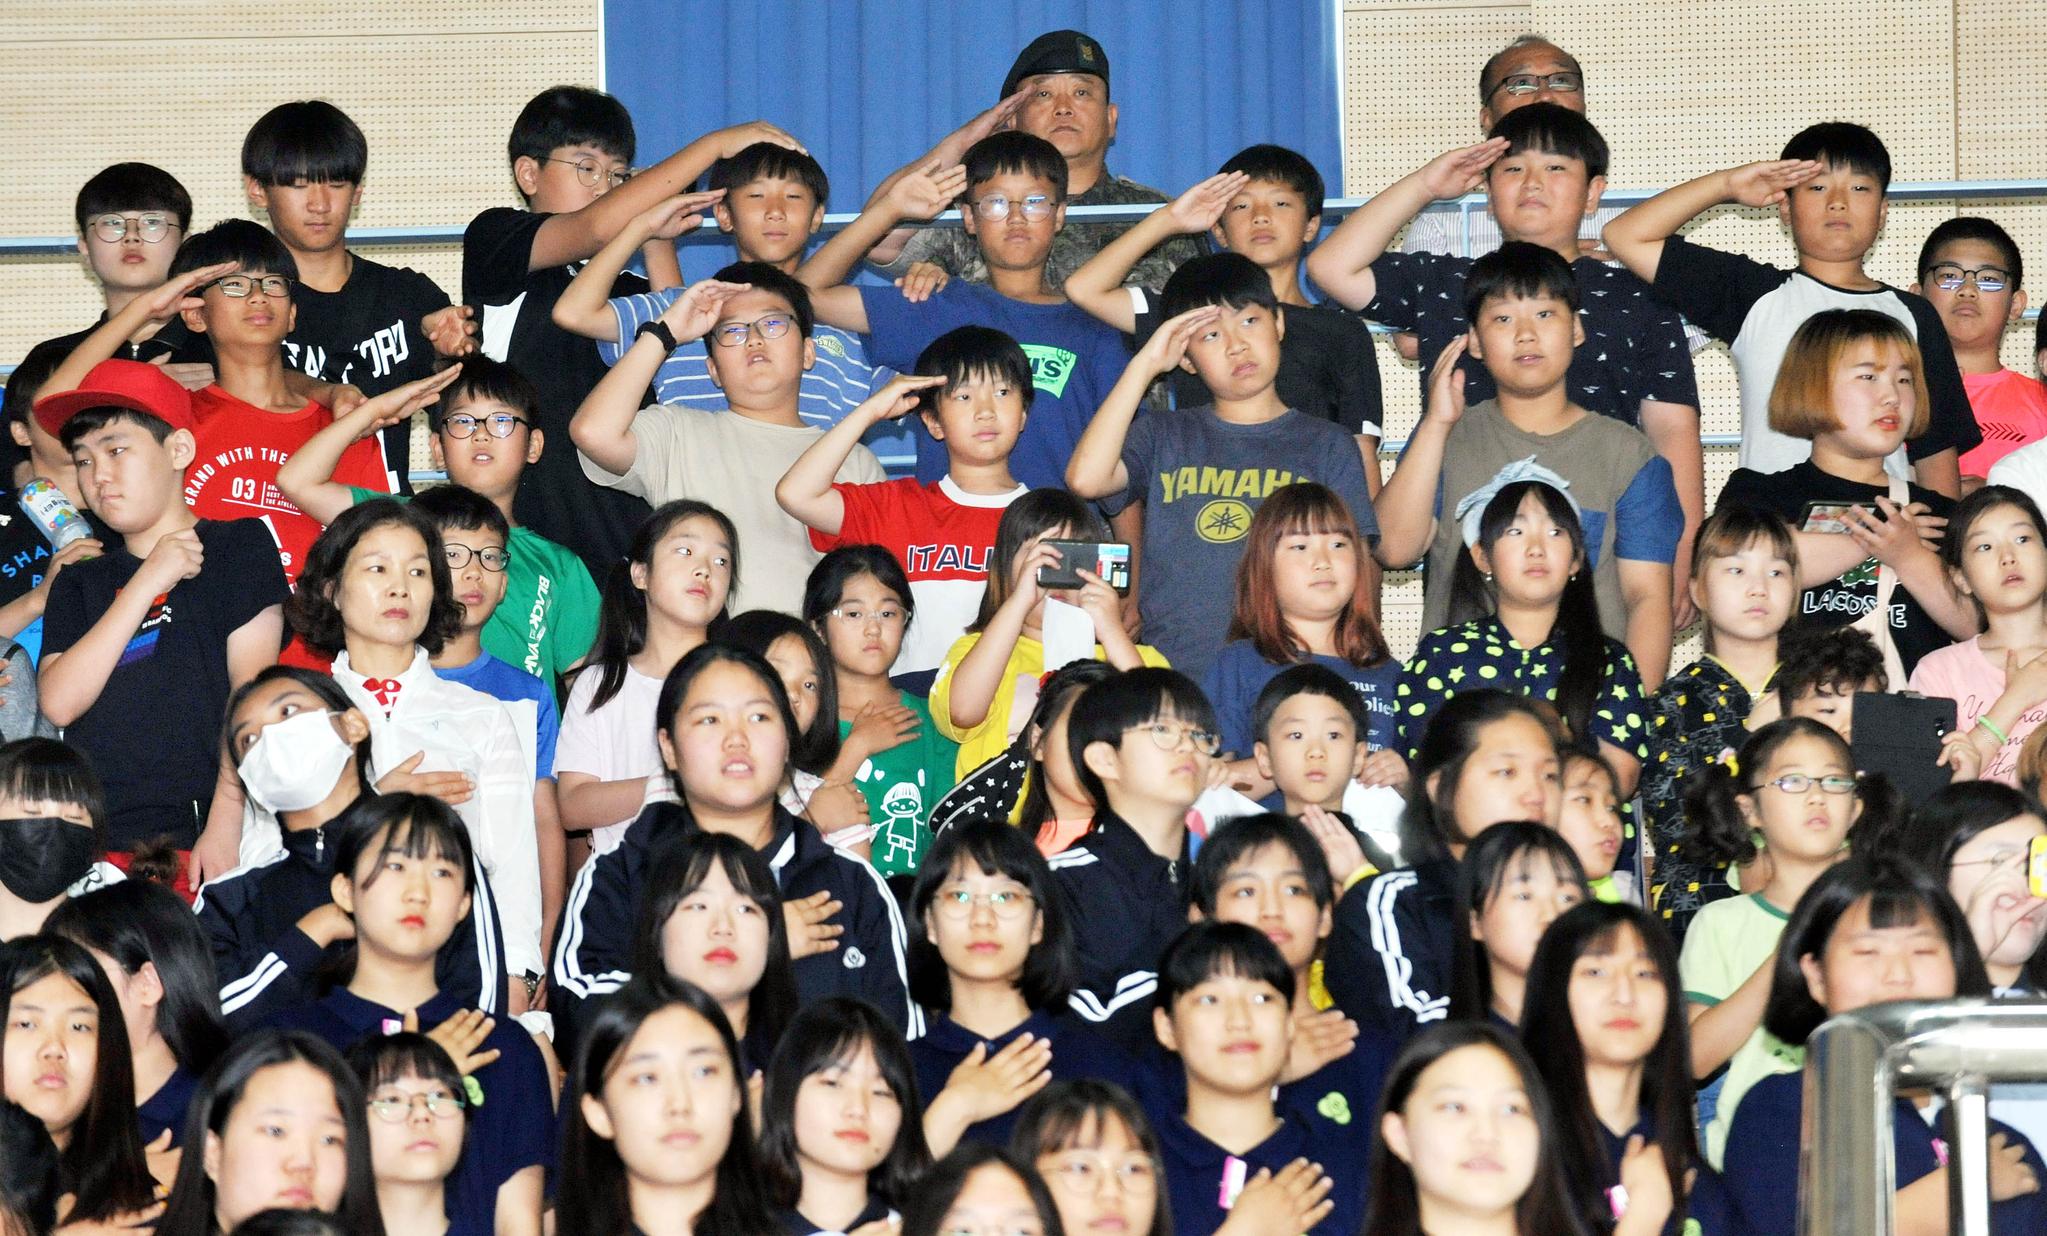 19일 충남 논산 육군훈련소에서 열린 6.25참전용사를 비롯한 보훈단체 초청 행사에는 지역 어린이들과 청소년들도 초청됐다. 어린이들의 경례 자세는 서툴지만 최대한 예를 다한 모습이다. 프리랜서 김성태